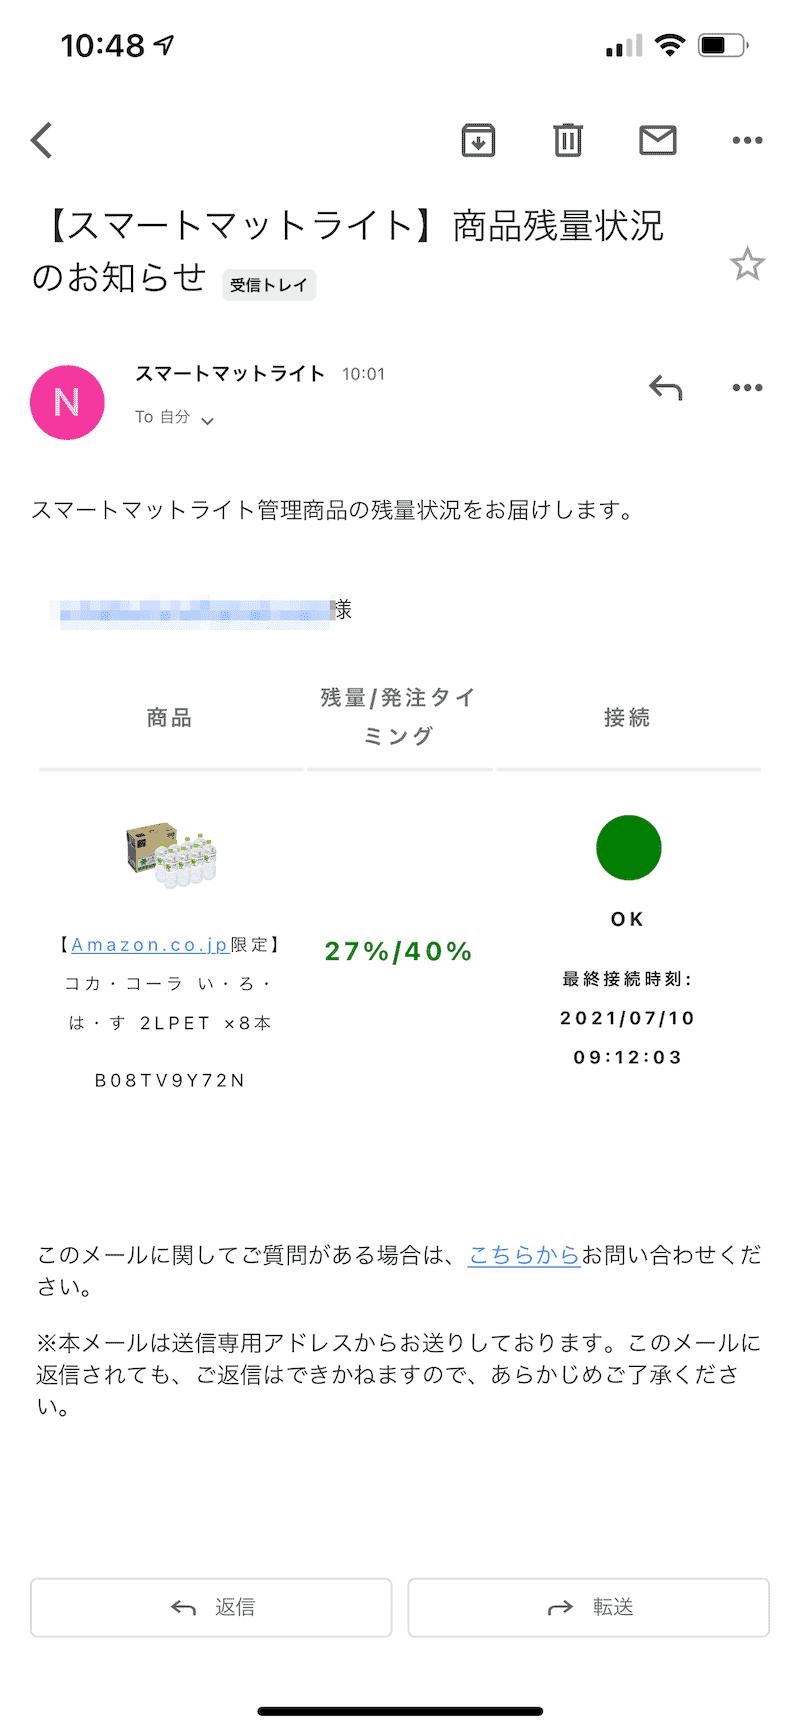 スマートマットライトの商品残量お知らせメールの画像